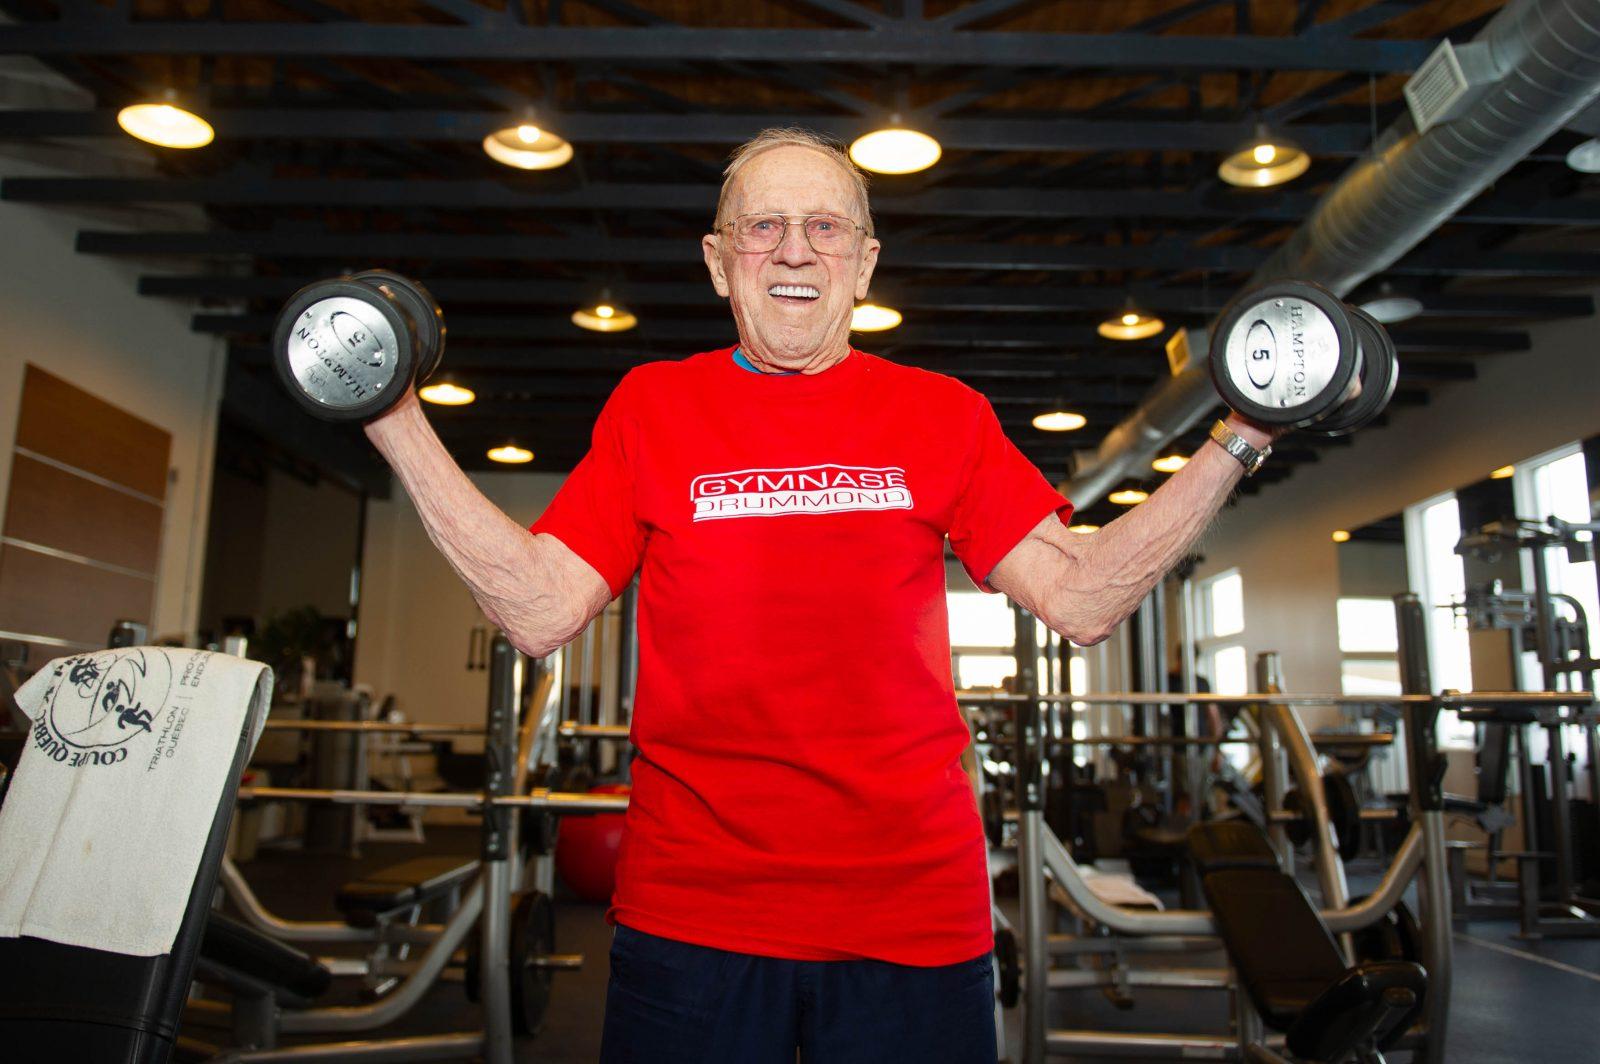 À 93 ans, il s'entraîne toujours